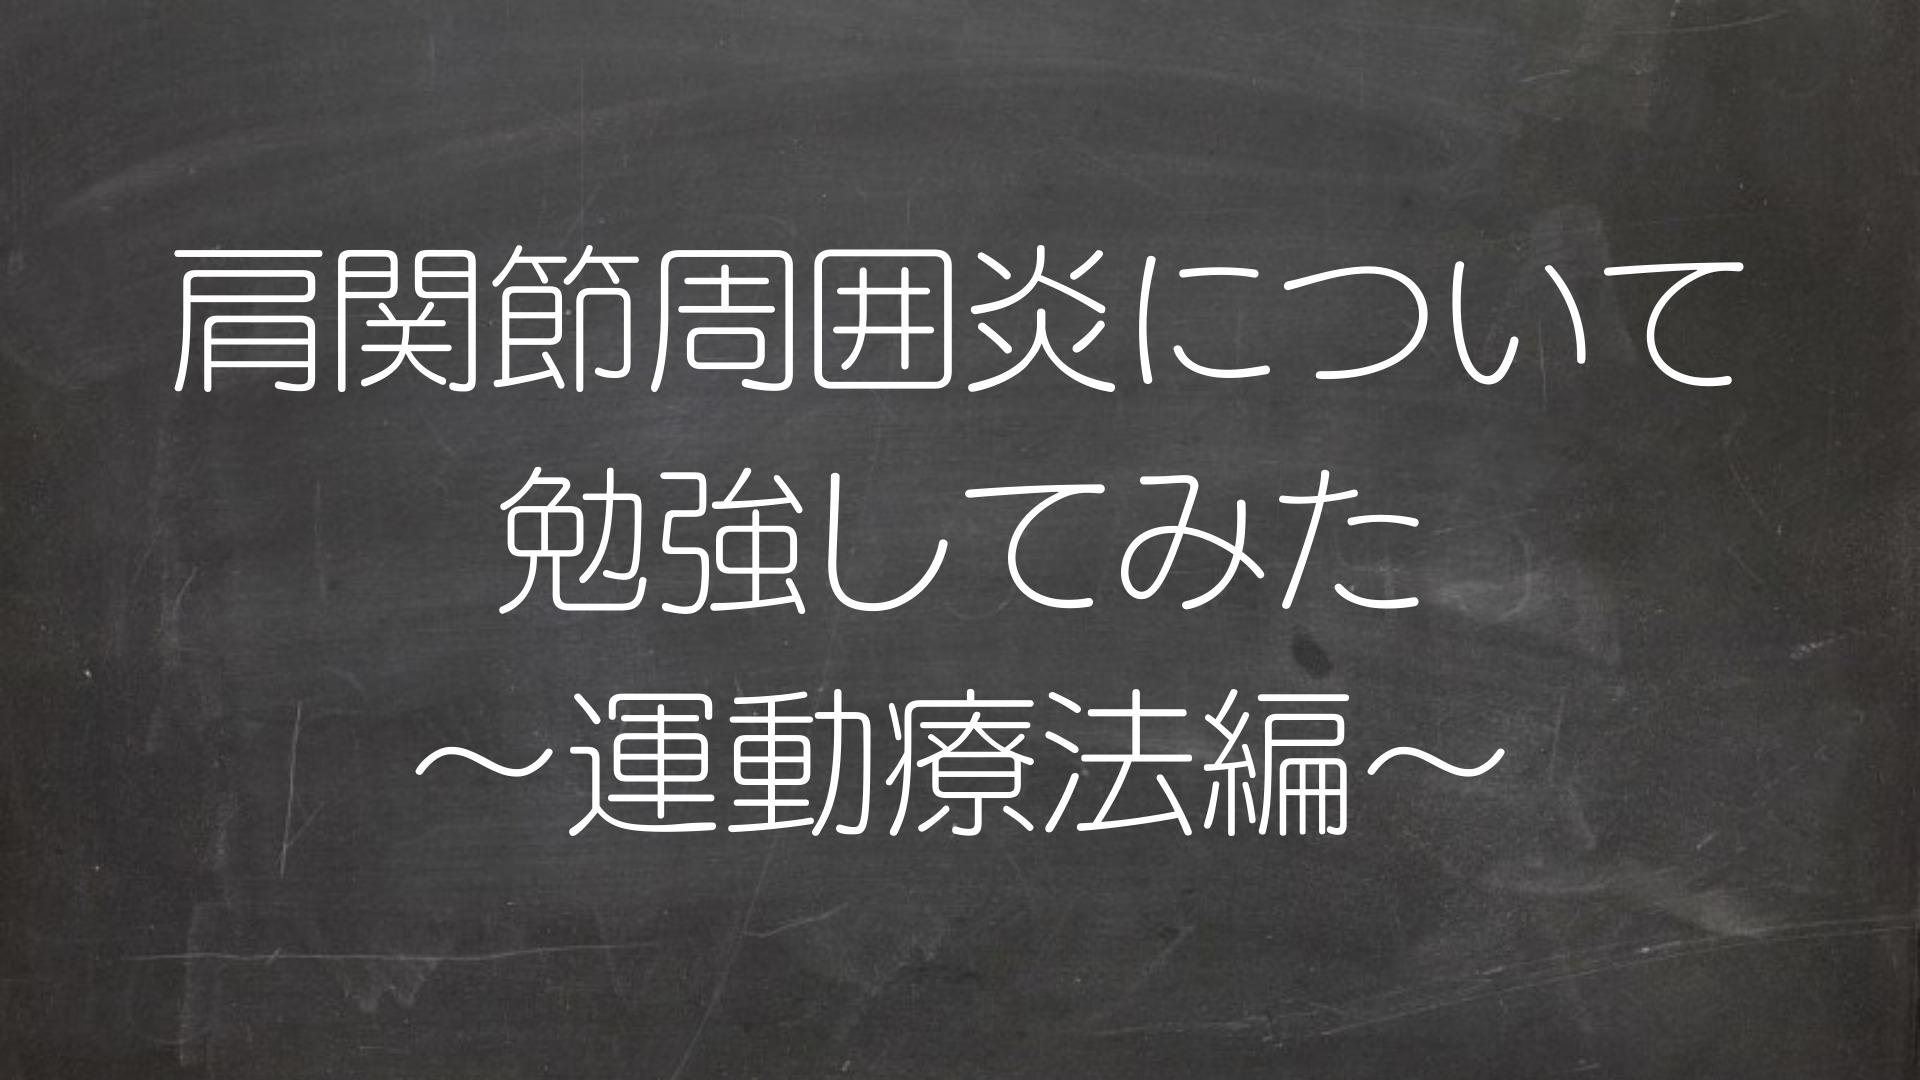 肩関節周囲炎について勉強してみた 〜運動療法編〜